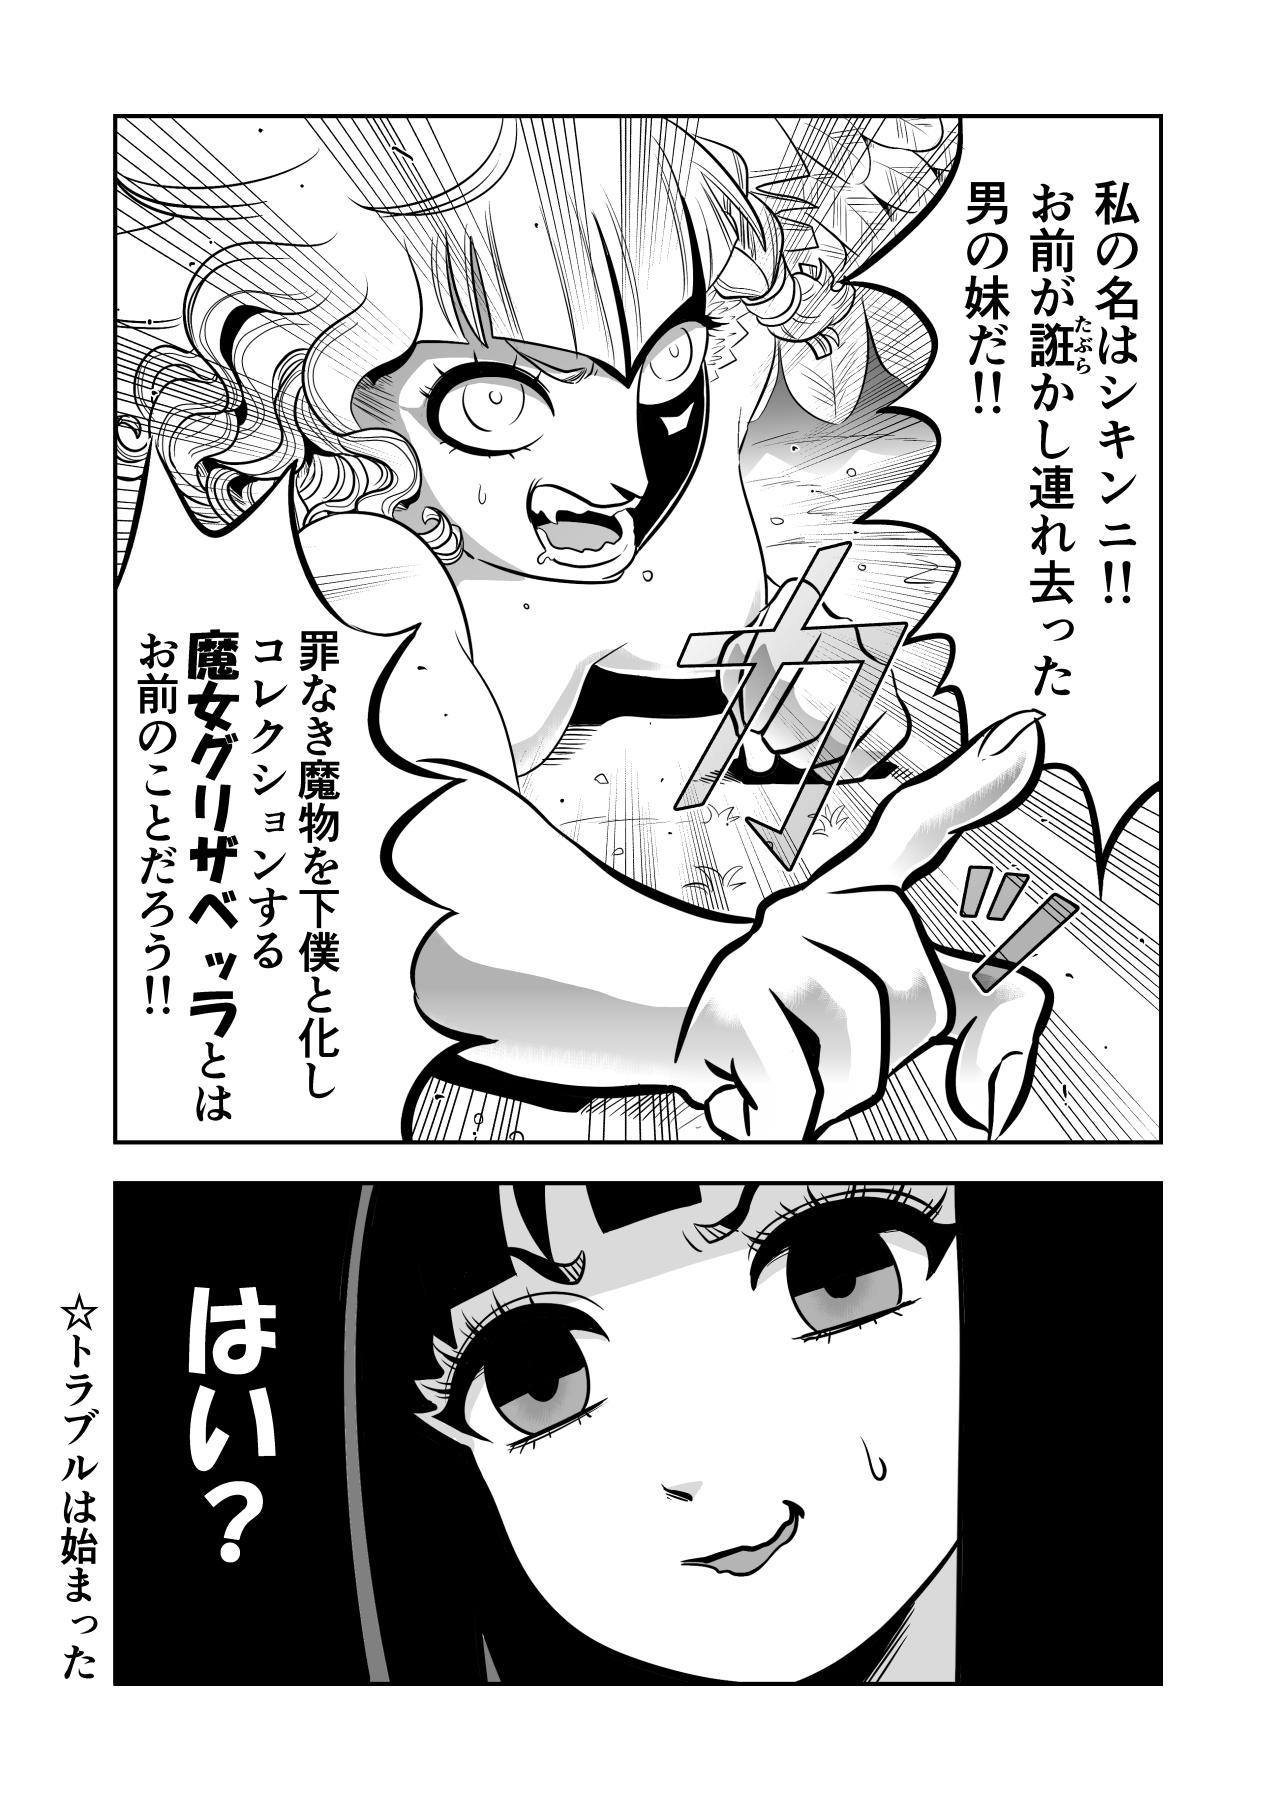 ヤサグレ魔女とグリザベッラと魔女の使い魔0018